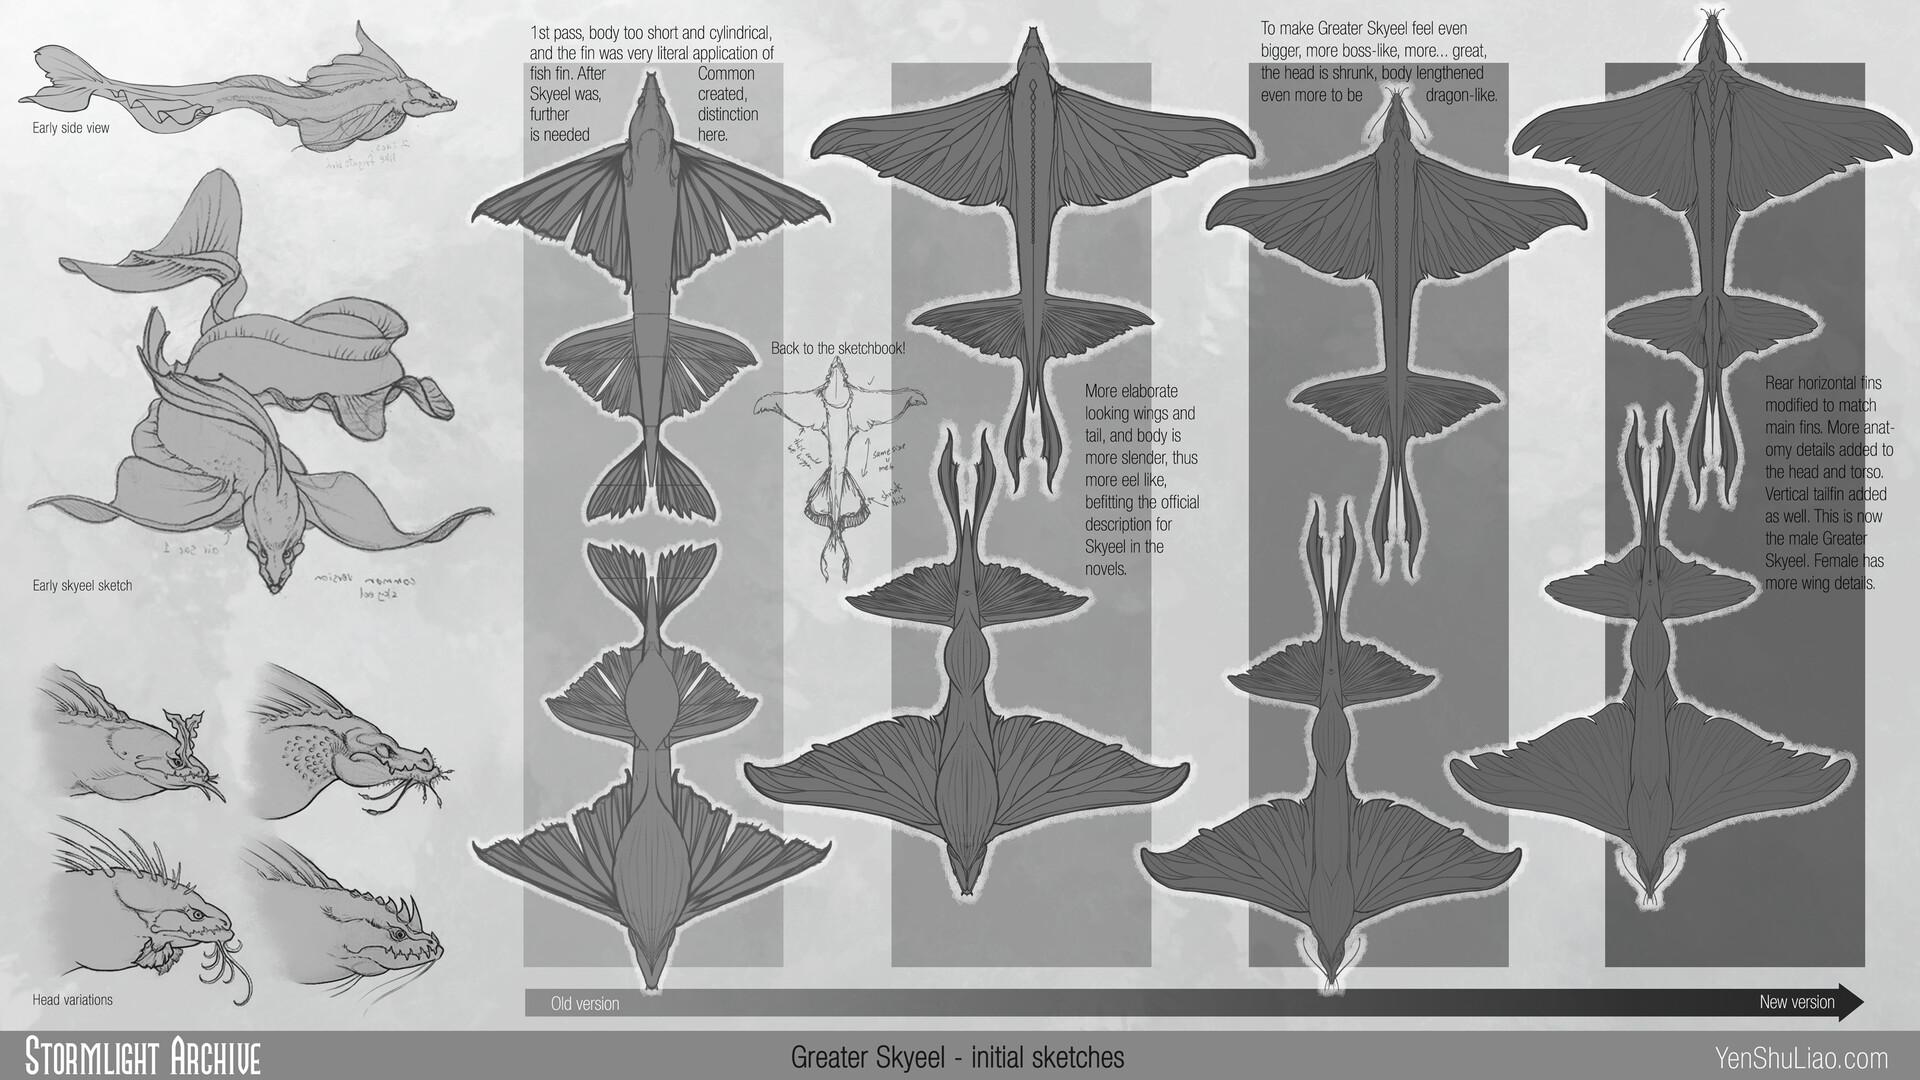 Yen shu liao stormlightarchive skyeel greater creature concept sketch yen shu liao